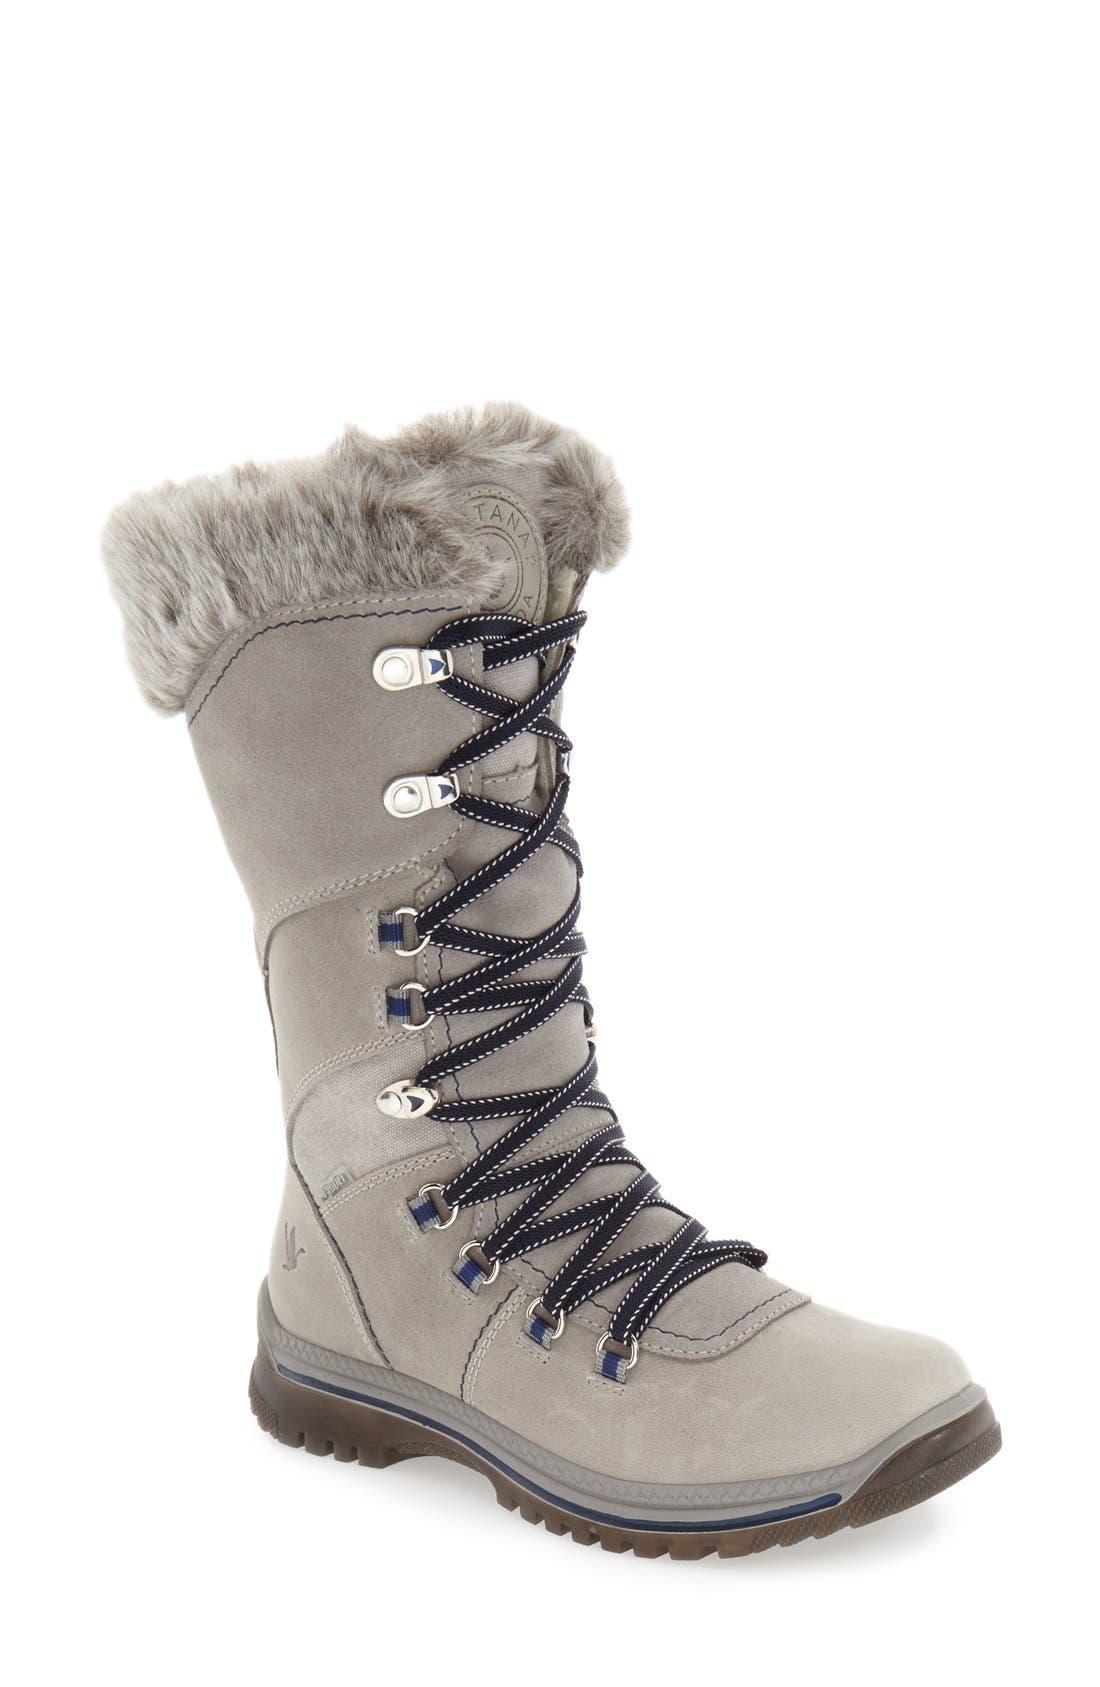 Image of Santana Canada Morella Waterproof Faux Fur Boot